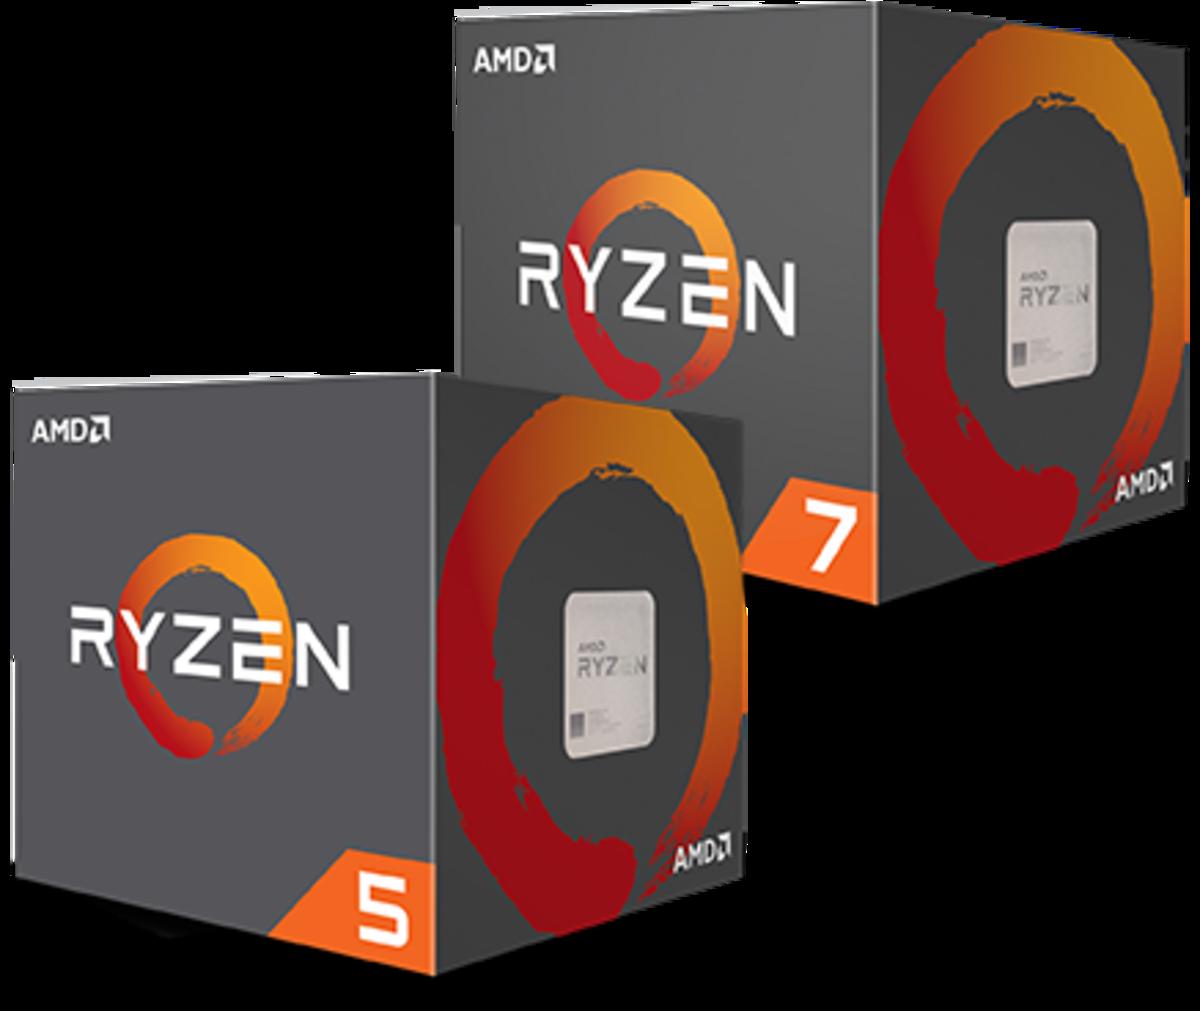 AMD Ryzen 7 1700 vs Ryzen 5 1600 vs Ryzen 5 1400 CPU Showdown